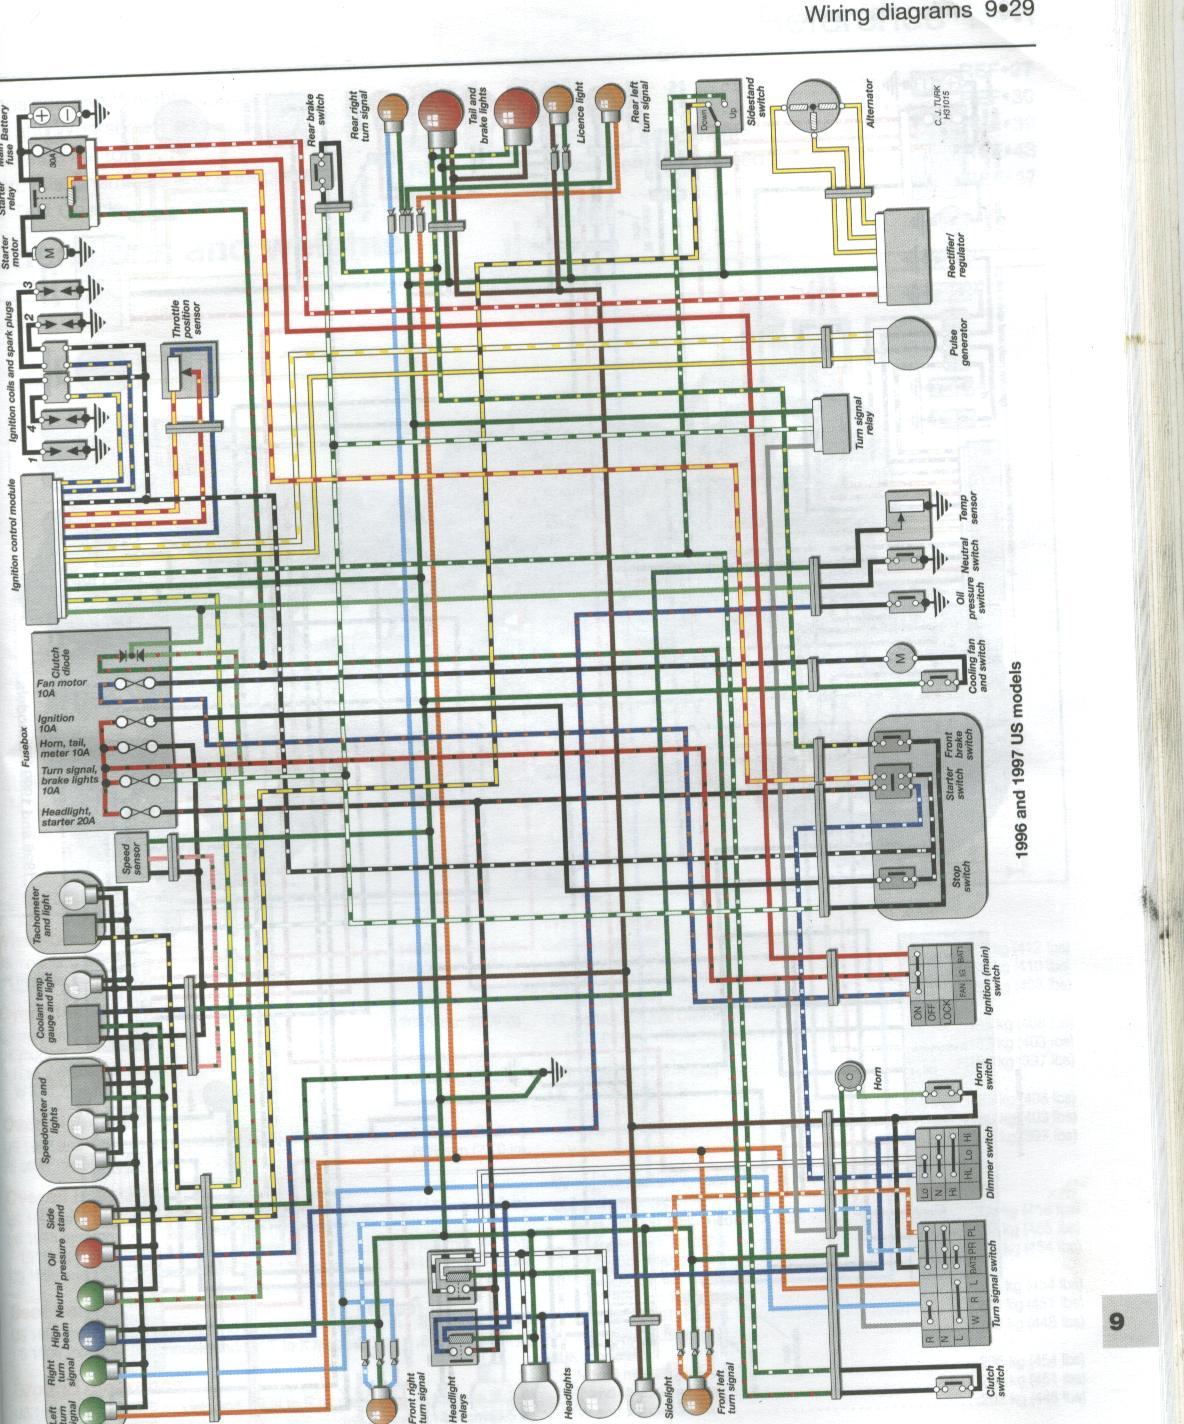 wiring diagrams 93-95,98-99 900rr | Honda Motorcycles - FireBlades.orgFireBlades.org